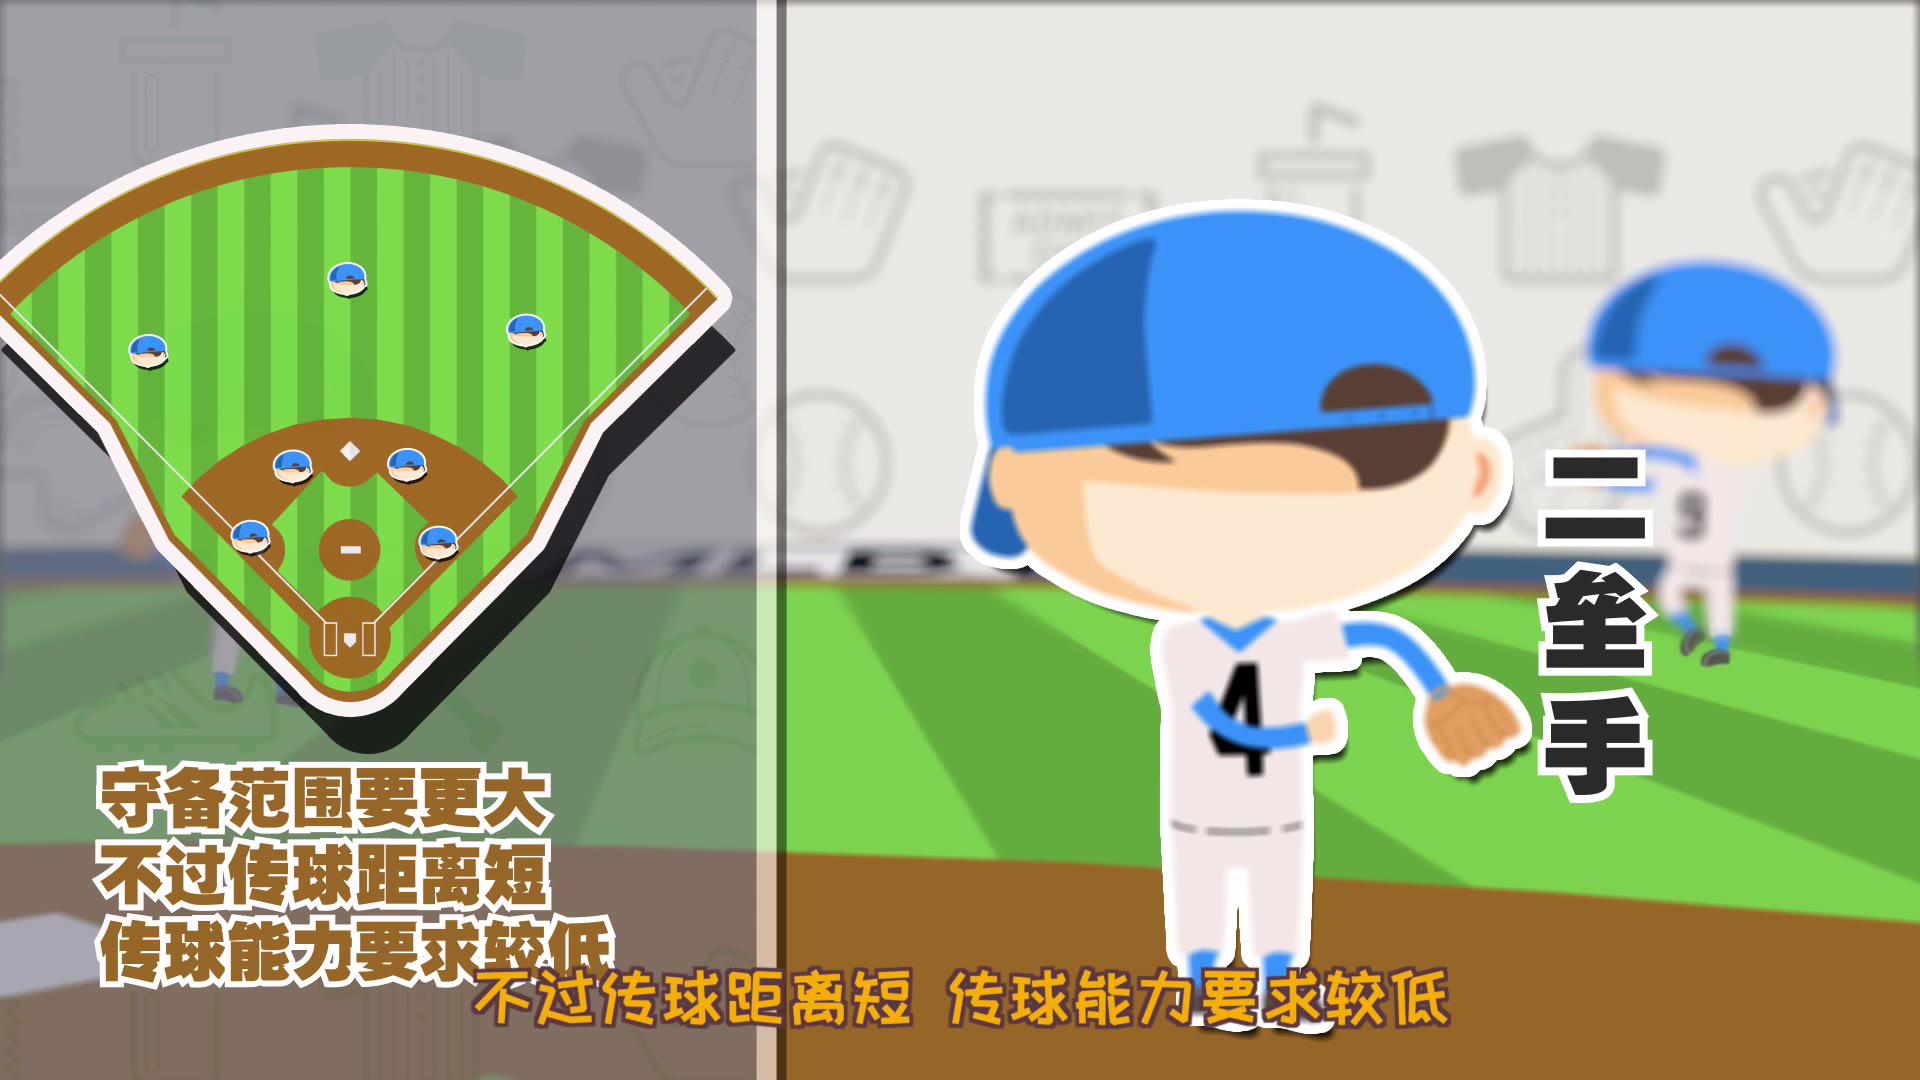 第十一集 棒球规则之内外场手职责一览,照着你的位置学起来!【棒球101】